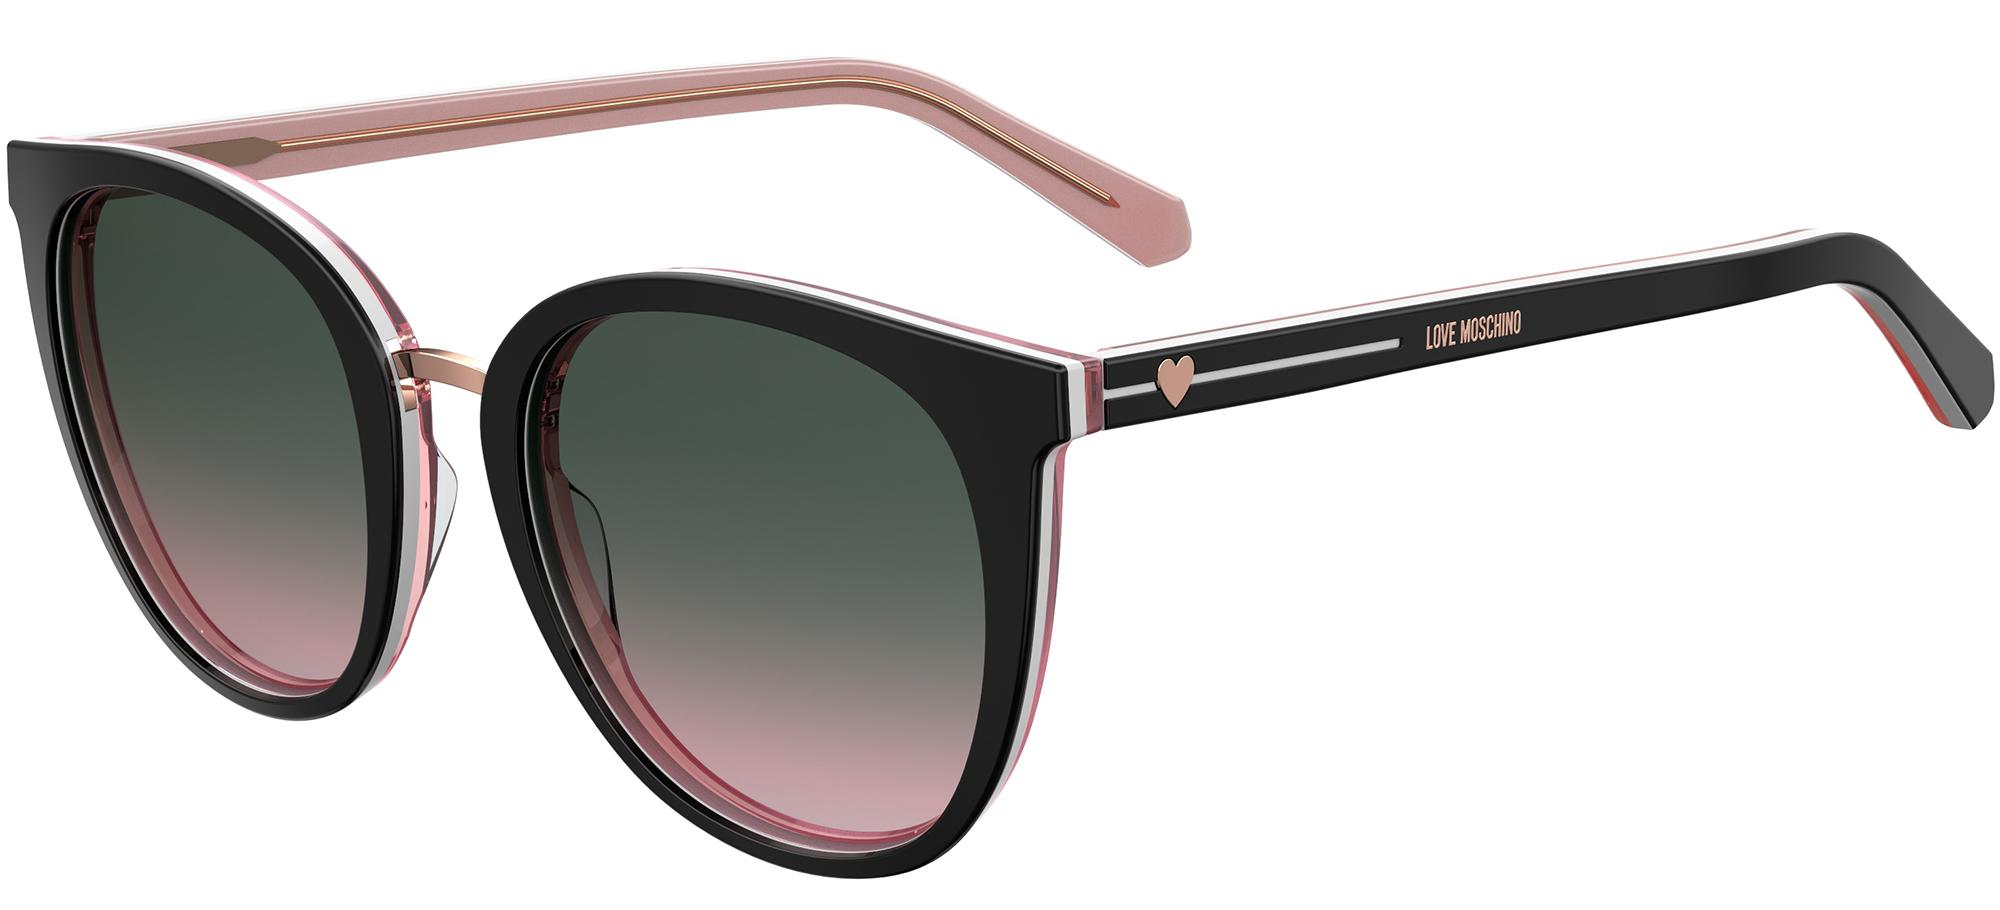 Love Moschino Womens Sunglasses